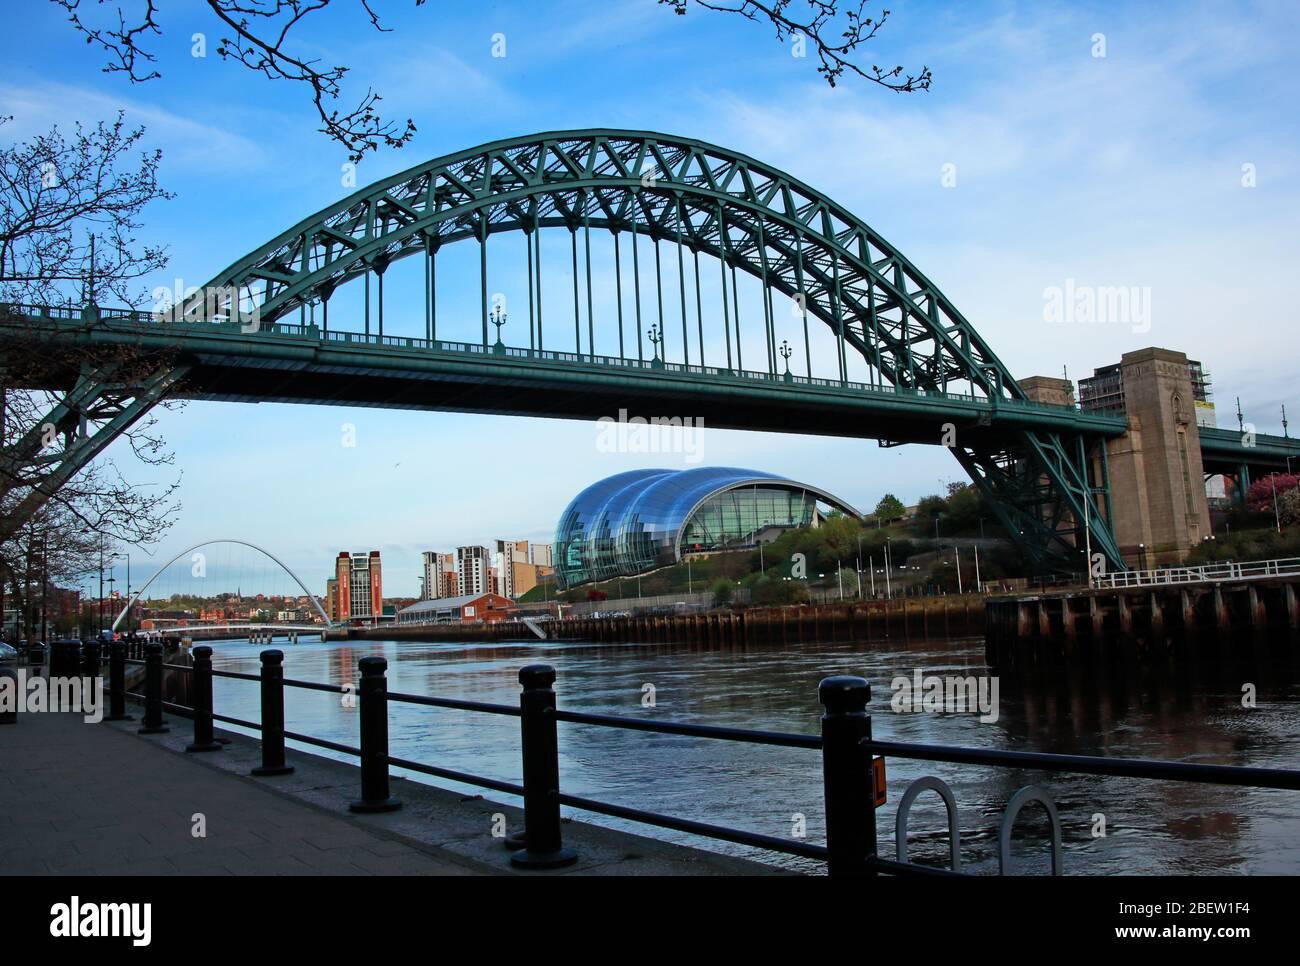 Dieses Stockfoto: Tyne River, Newcaste upon Tyne, Gateshead, Sage und Flussufer, Abend, NE England, Großbritannien, Brücken - 2BEW1F